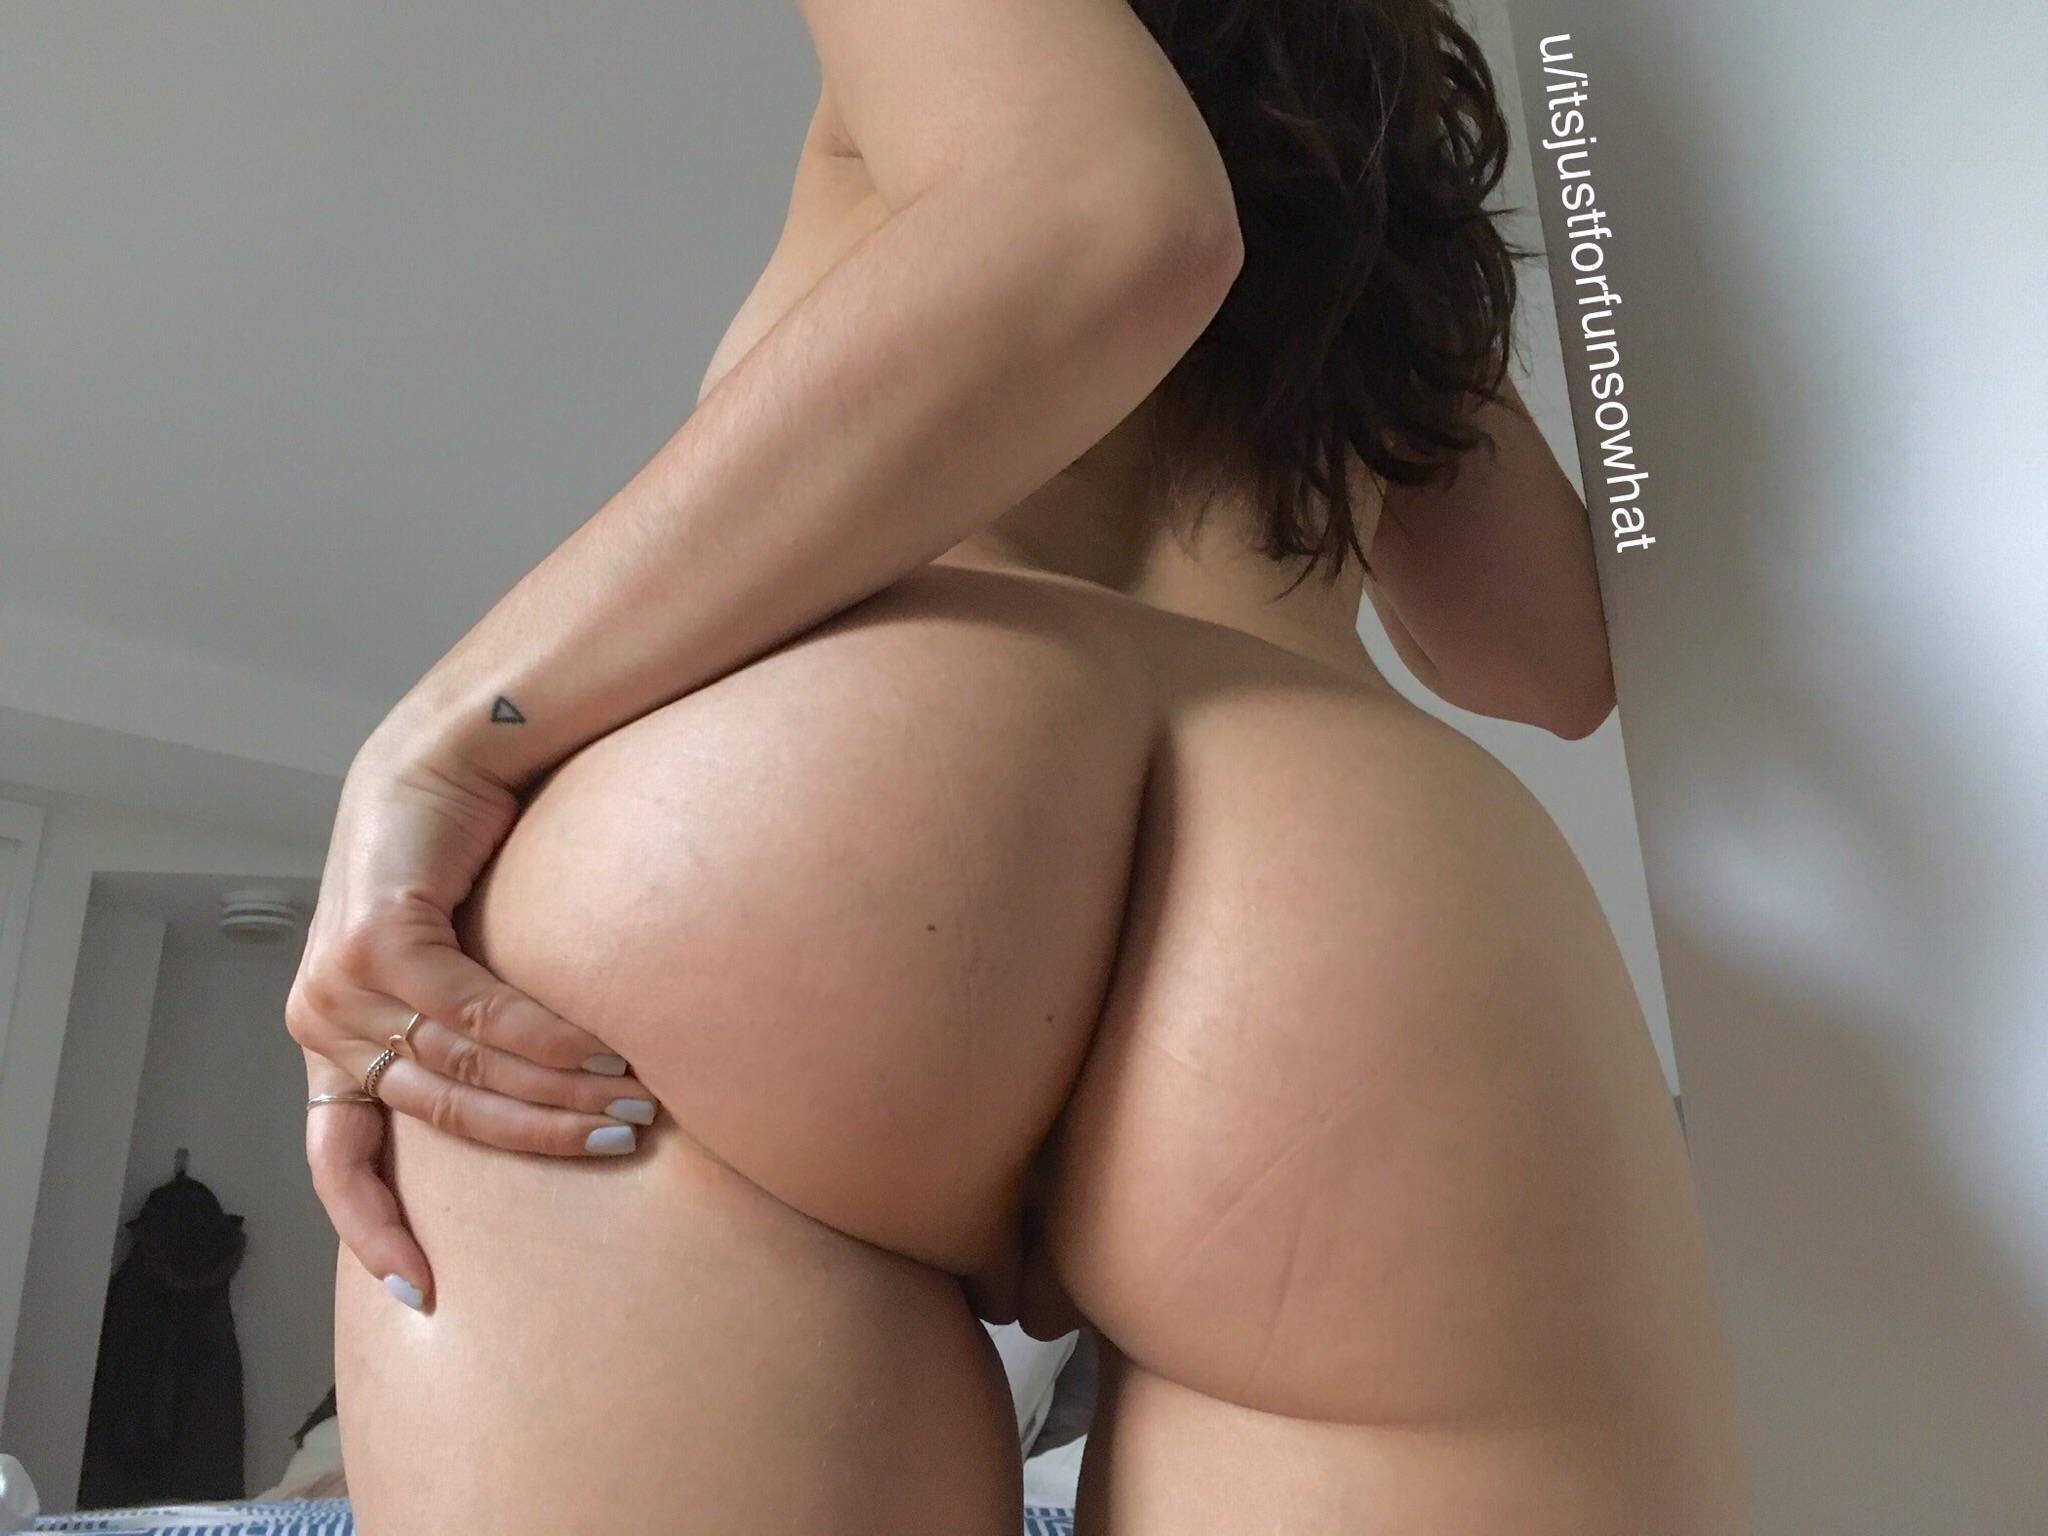 Fotos Porno Com Novinha Gostosa (35)